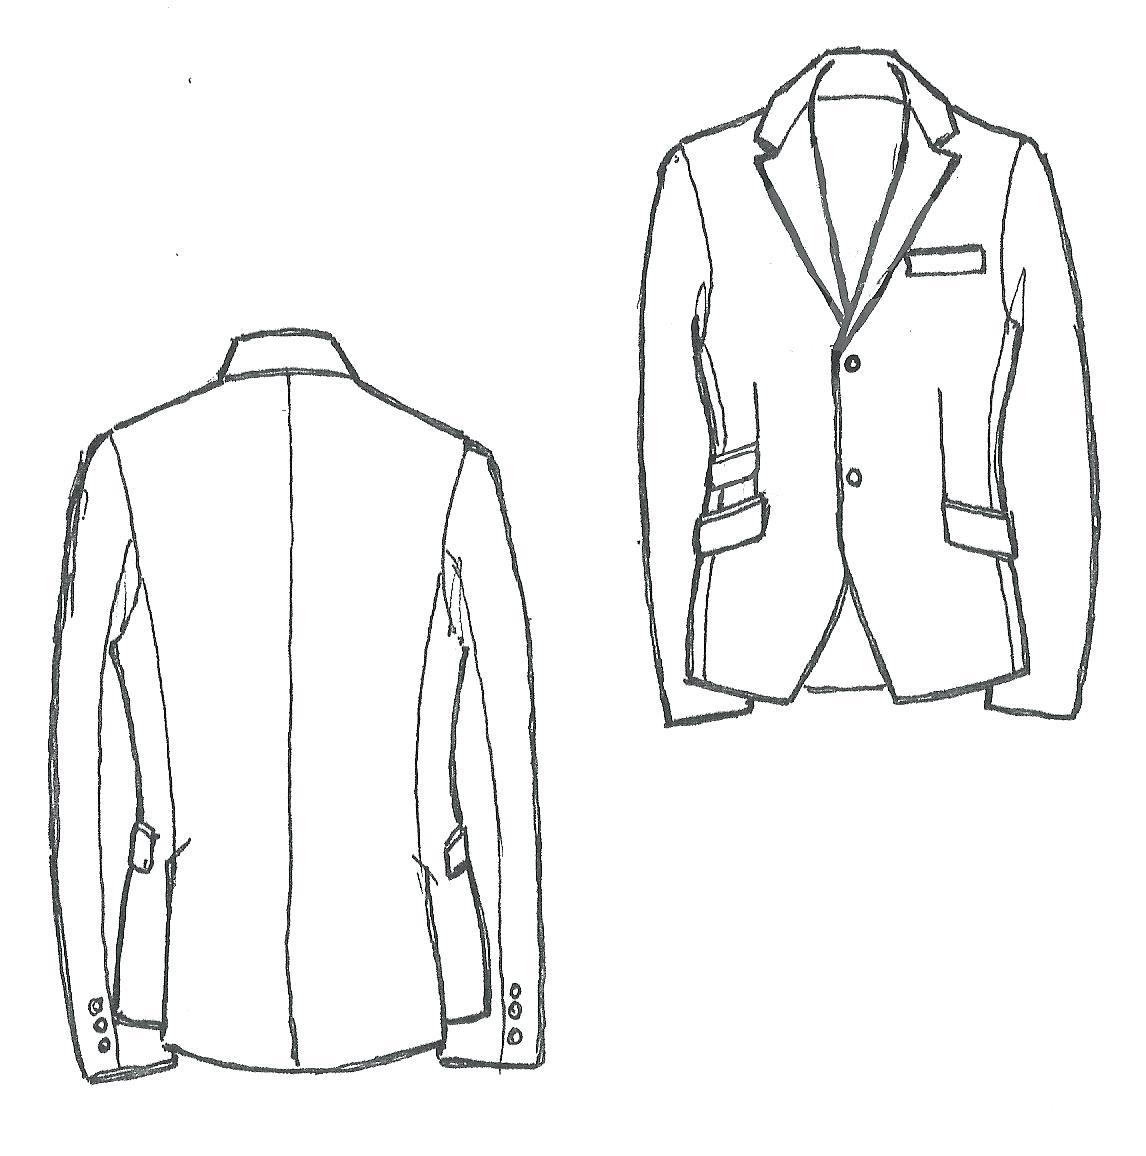 1146x1156 Template Suit Jacket Template Drawn Coat 4 Tracksuit. Suit Jacket